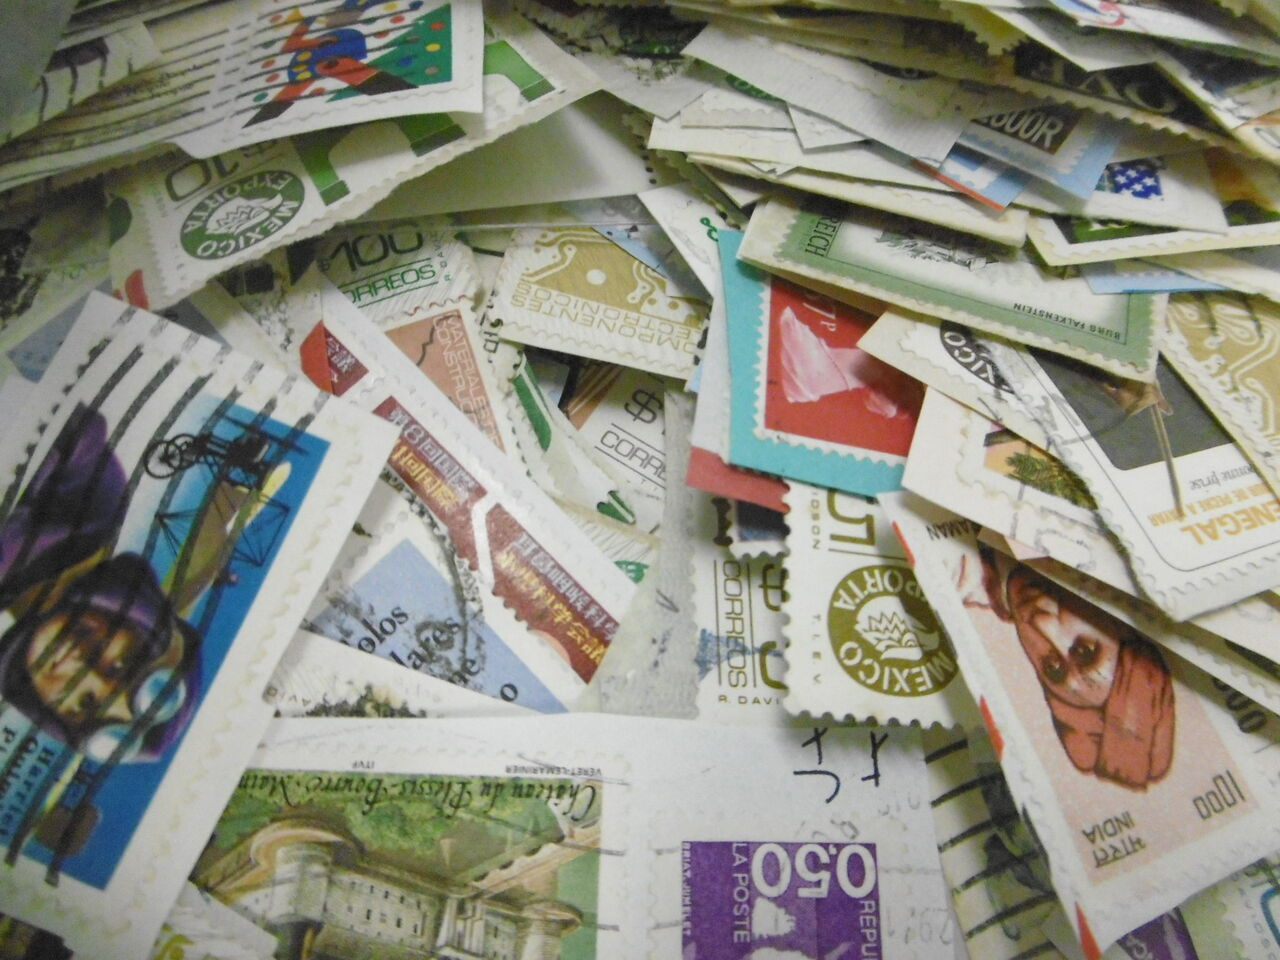 吉祥寺ホームボランティア日記 : 古切手の寄付